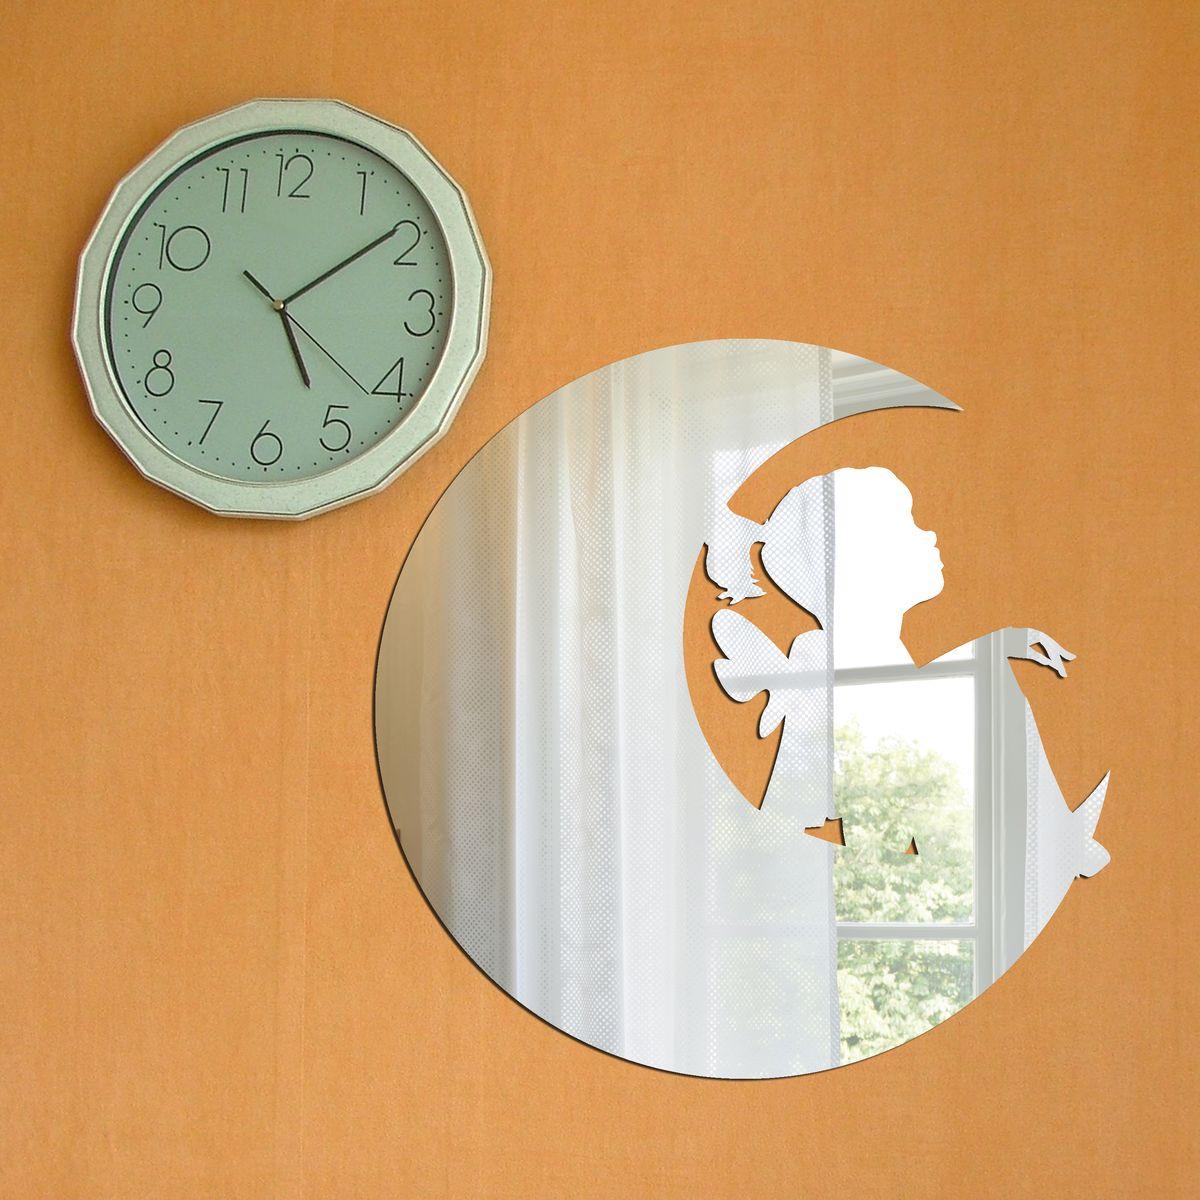 Декоративное зеркало Paris-Paris На луне, 27,5 см х 29 смFS-91909Фигурное зеркало Paris-Paris - это яркий декоративный объект, по отражающим свойствам не уступающий классическому стеклянному зеркалу. Всегда разные в зависимости от того, где они располагаются, зеркала Paris-Paris каждый раз вступают в новый диалог с интерьером! Зеркало из гибкого органического стекла. Этот легкий и прочный материал по сравнению с обычным стеклом более устойчив к повреждениям и обеспечивает максимальный визуальный эффект. Крепится к стене при помощи специального двустороннего скотча входящего в комплект.Инструкция: Если вы уже выбрали место для вашего зеркала, весь процесс займет 3 минуты. Стена должна быть чистой и сухой. Снимите защитную пленку с клейкой ленты на обратной стороне зеркала; Разместите зеркало на стене; Аккуратно снимите с зеркала защитную пленку.